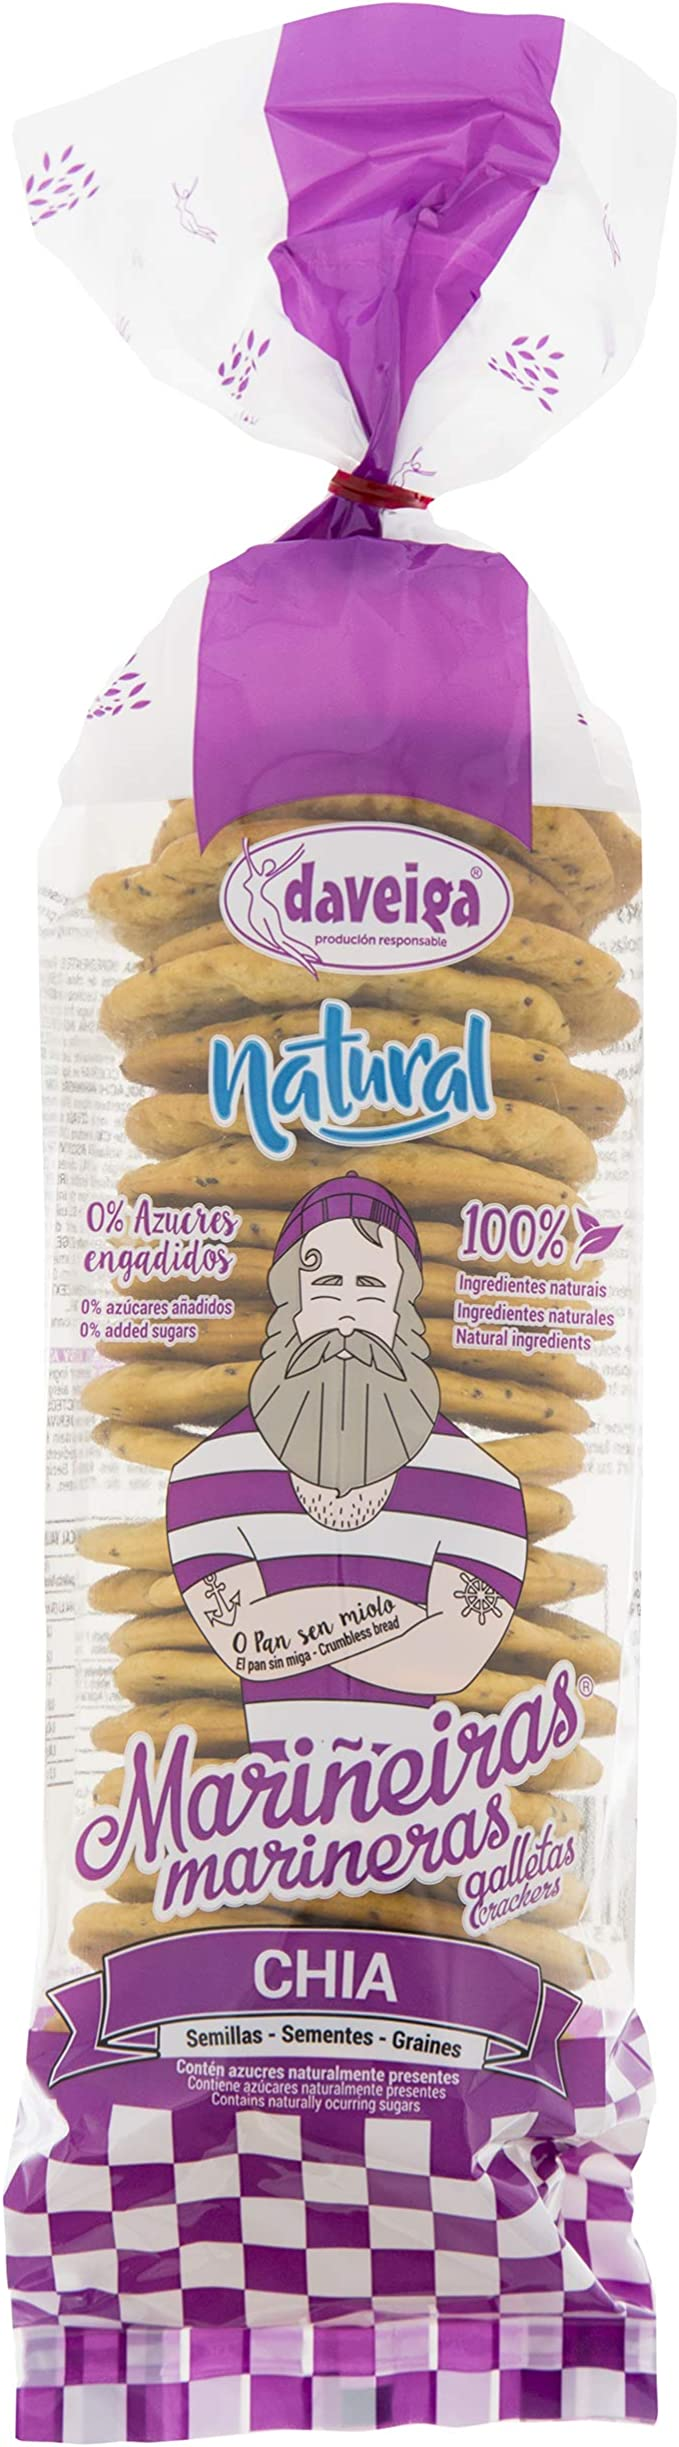 Marineras Daveiga, Galleta Marinera 100% Natural con Semillas de Chía y Aceite de Oliva Extra Virgen. Sin azúcares añadidos. Sin conservantes ni colorantes- 5 bolsas de 200 gr. (Total 1000 gr.): Amazon.es: